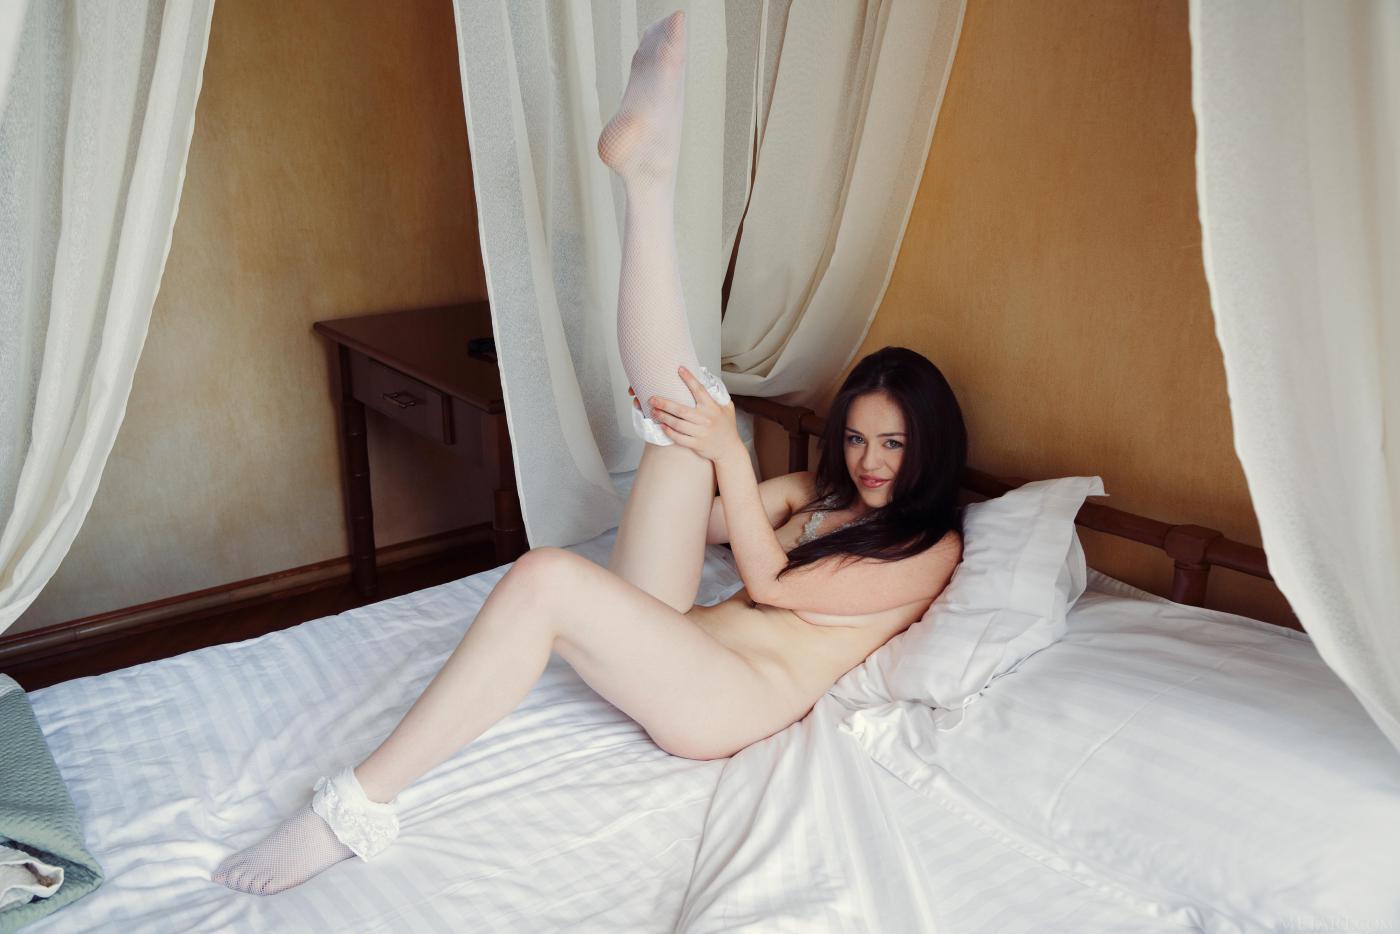 Огненная брюнеточка в белых носках Annis A снимается, демонстрируя свою толстую грудь и созревшую пизду